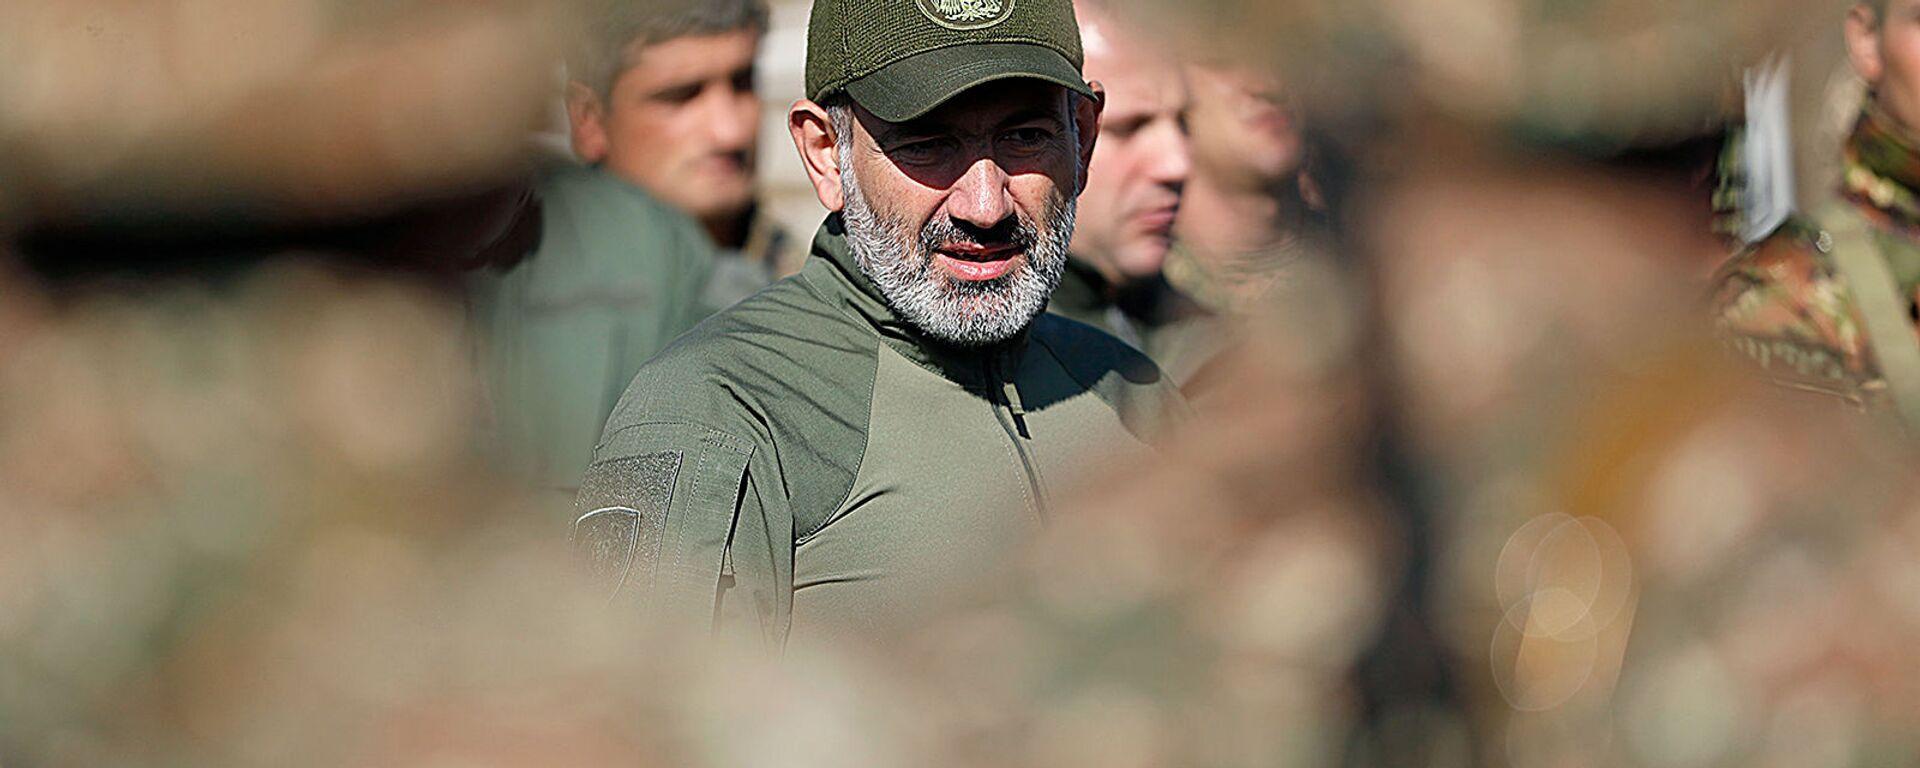 Премьер-министр Никол Пашинян посетил военные учения (28 сентября 2019). Армения - Sputnik Армения, 1920, 18.08.2021